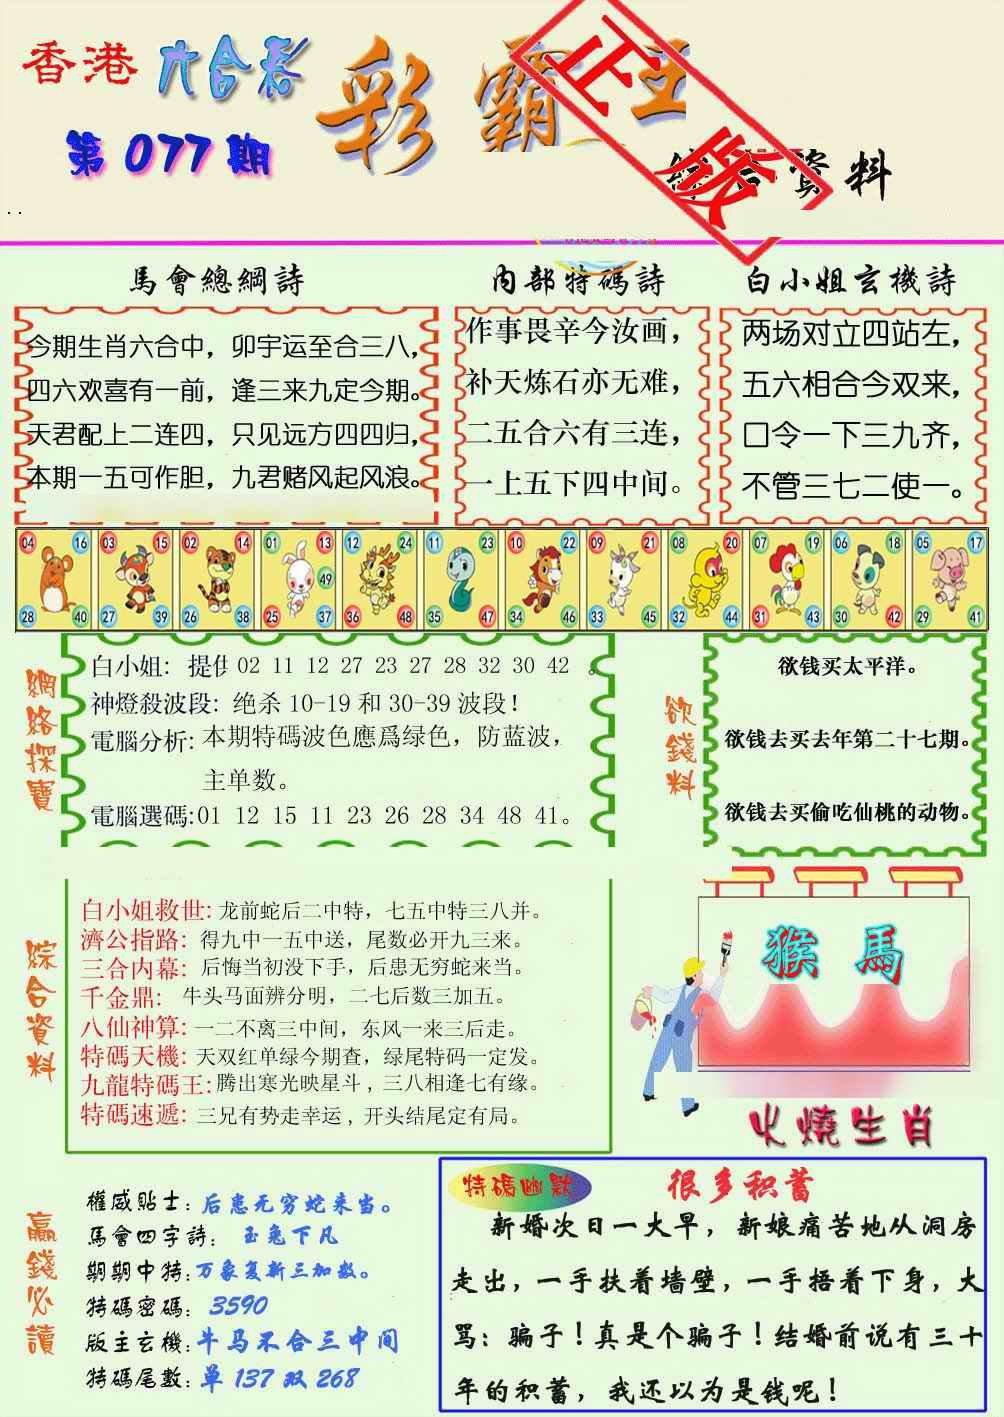 077期精装彩霸王